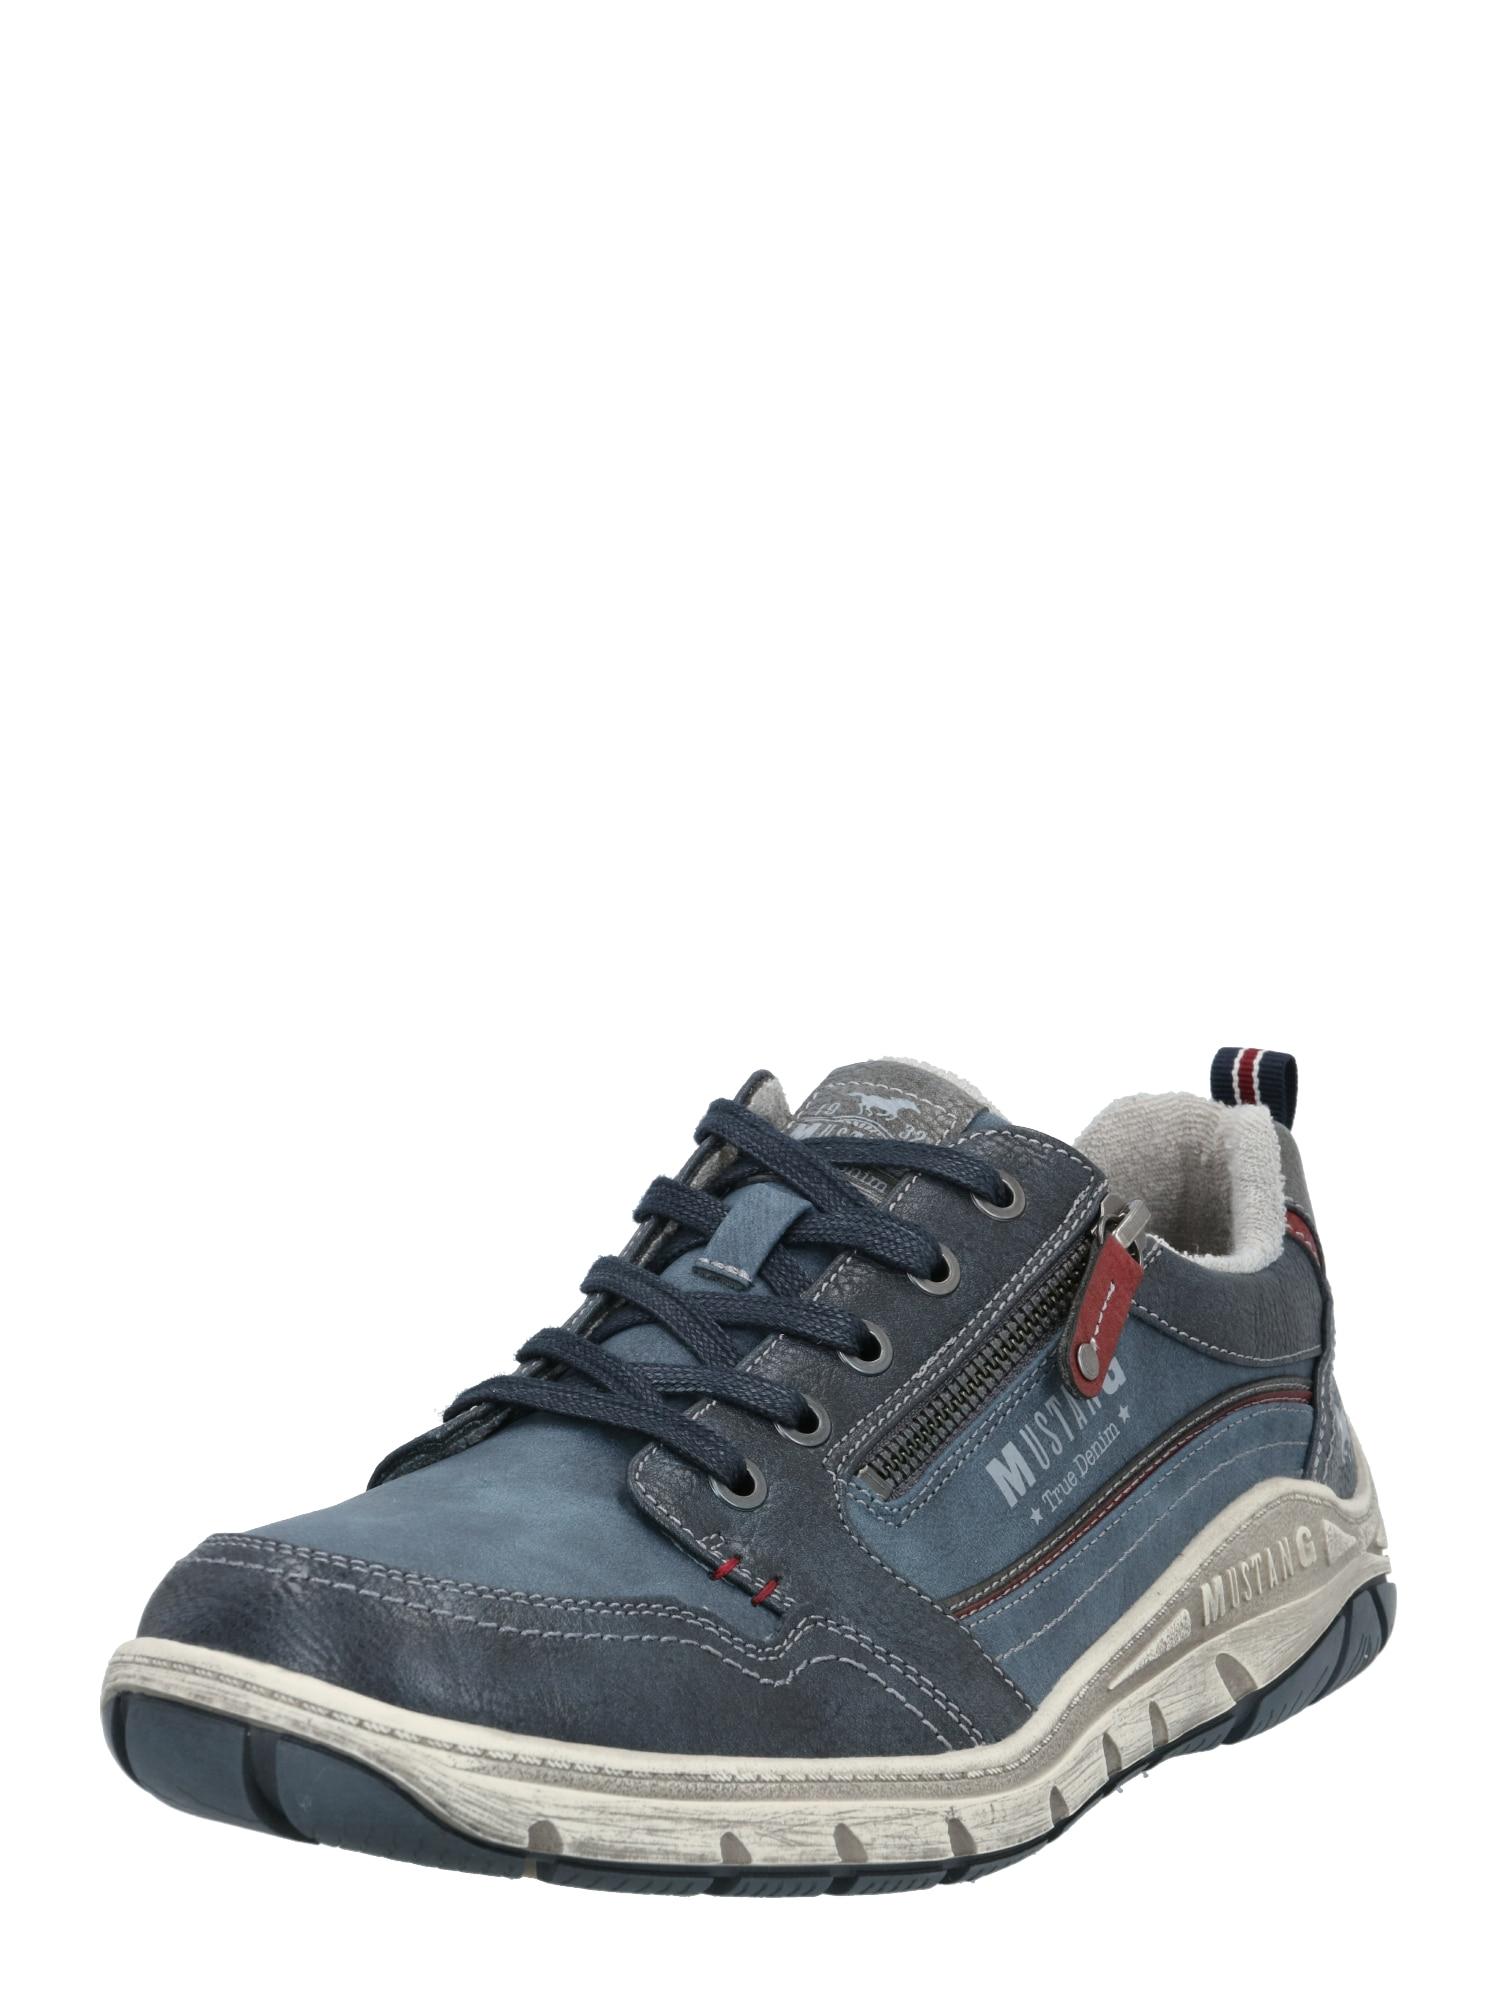 MUSTANG Sportovní šněrovací boty  chladná modrá / námořnická modř / světle šedá / pastelově červená